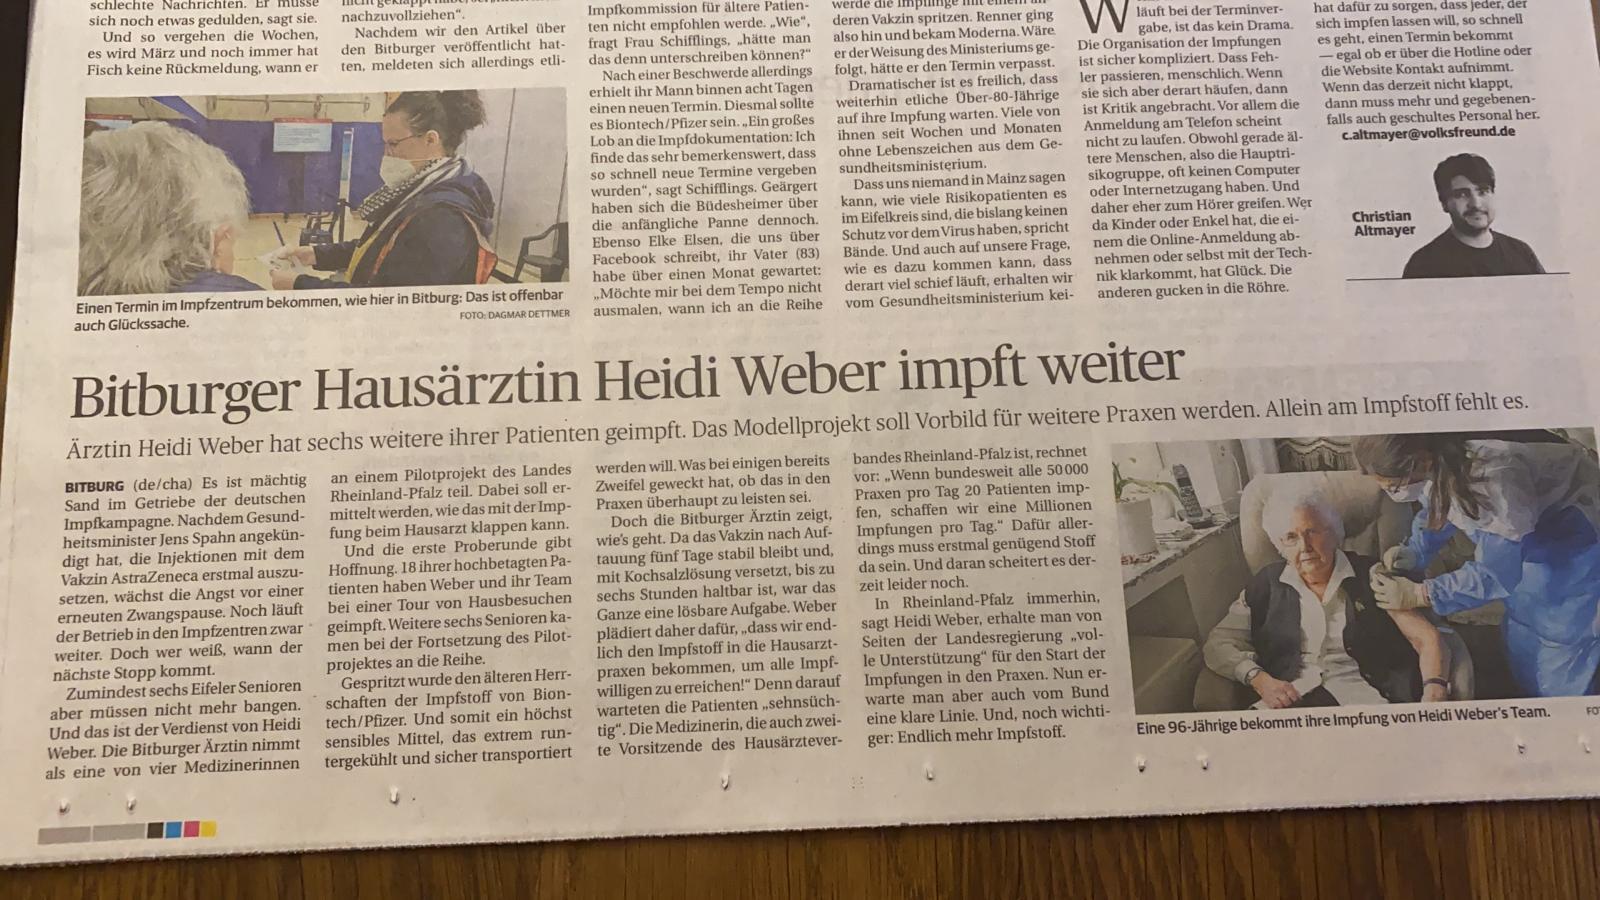 Volksfreund-heidi-weber-impft-weiter